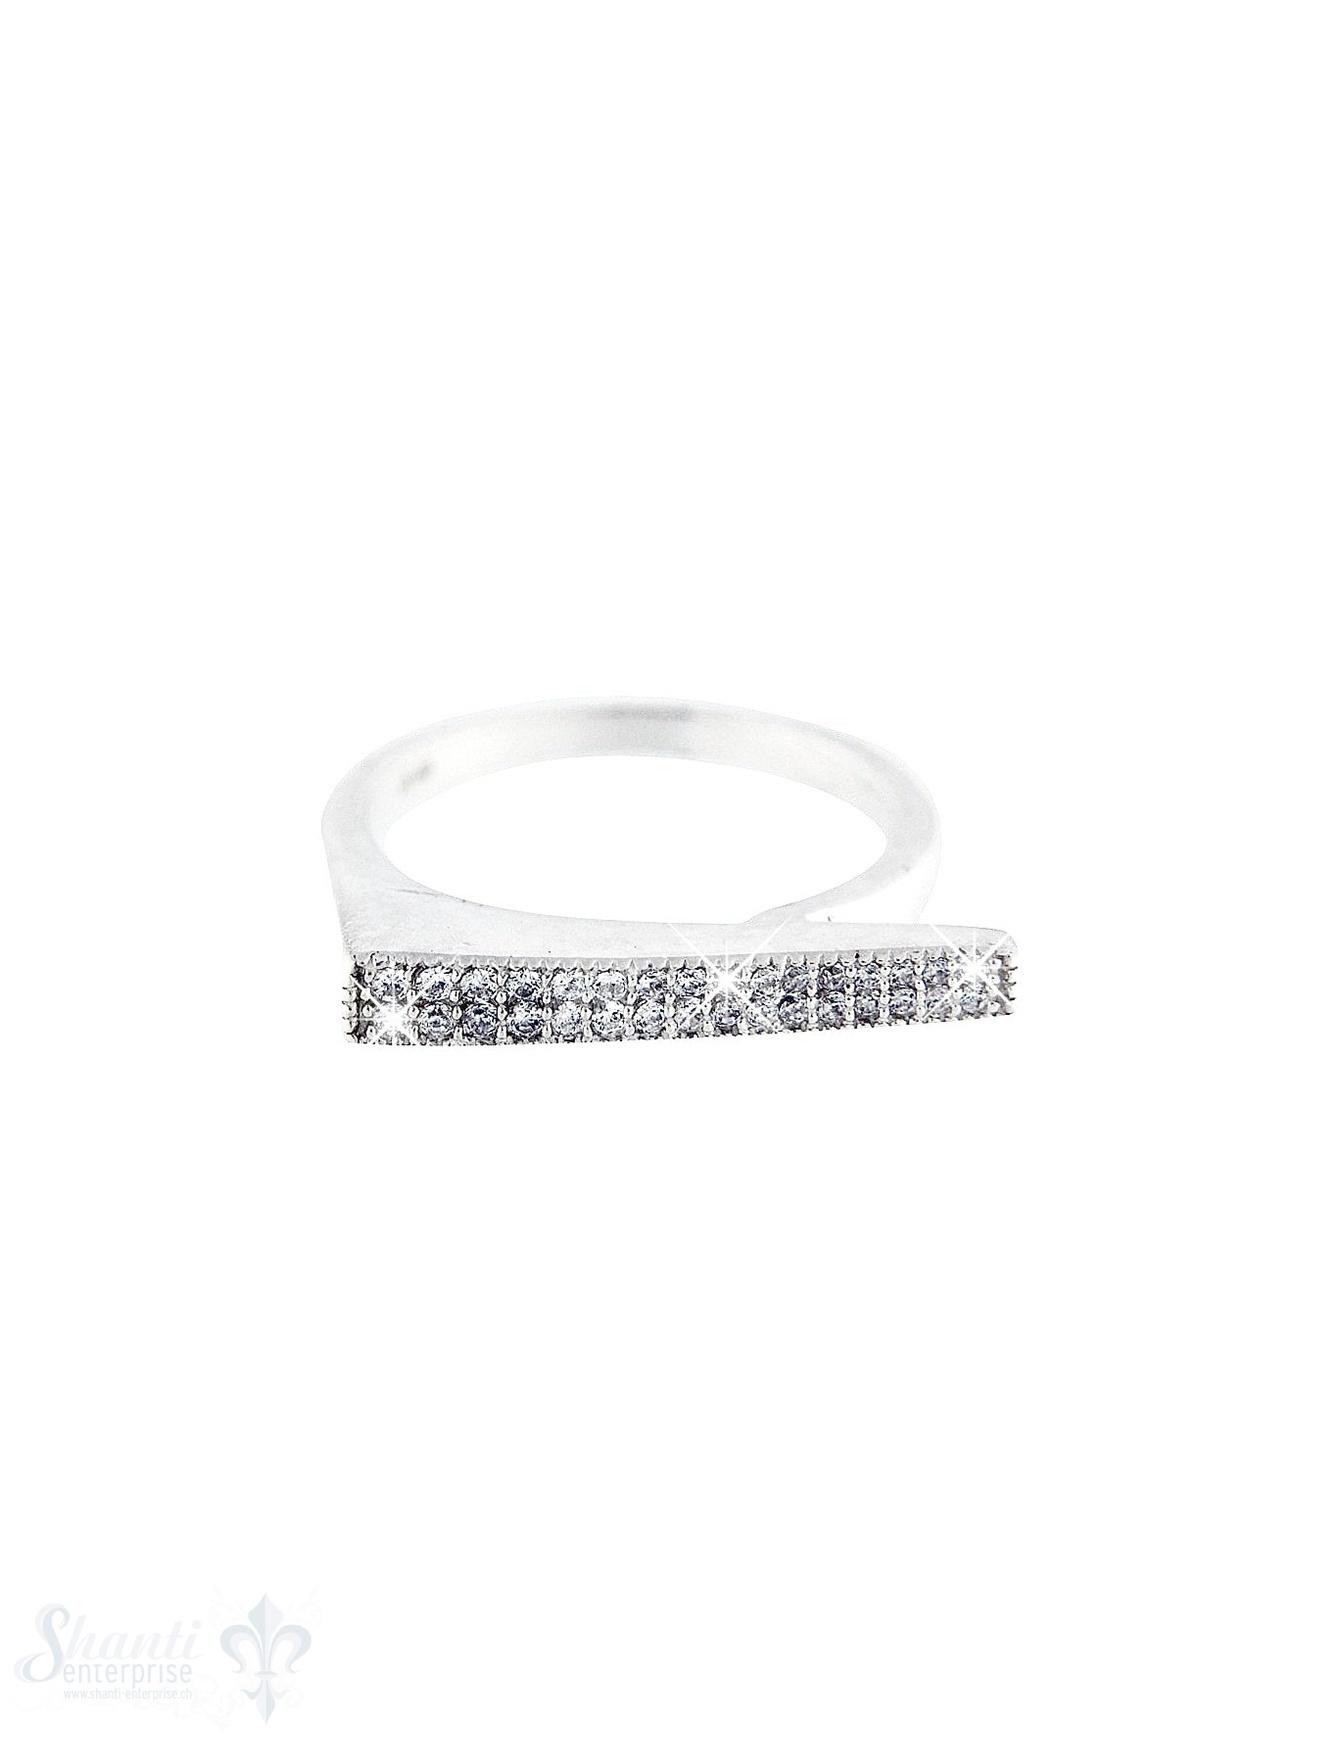 Silberring: mit Zirkoniabalken breit rechtwinklig